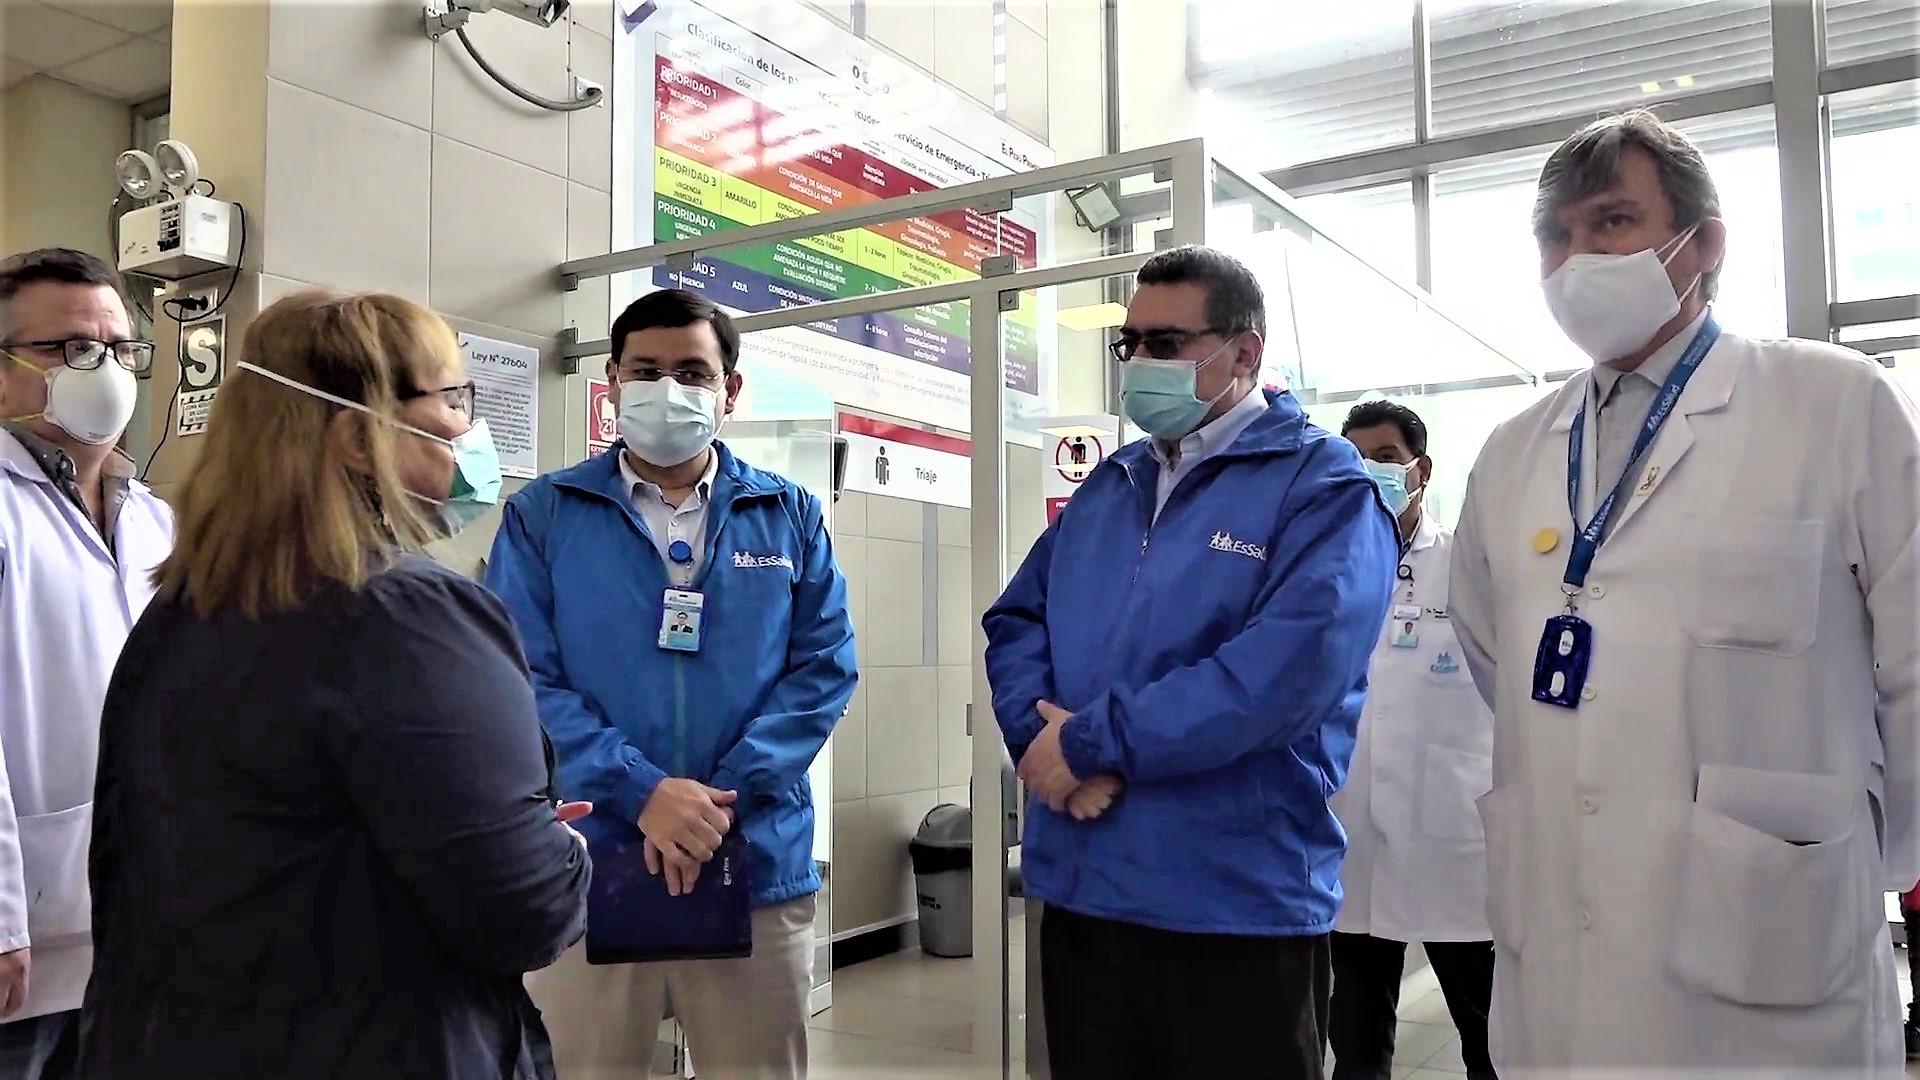 Plan de desembalse con cero pacientes en pasillos y lucha contra el cáncer en primer nivel de atención de EsSalud se inicia en el país.